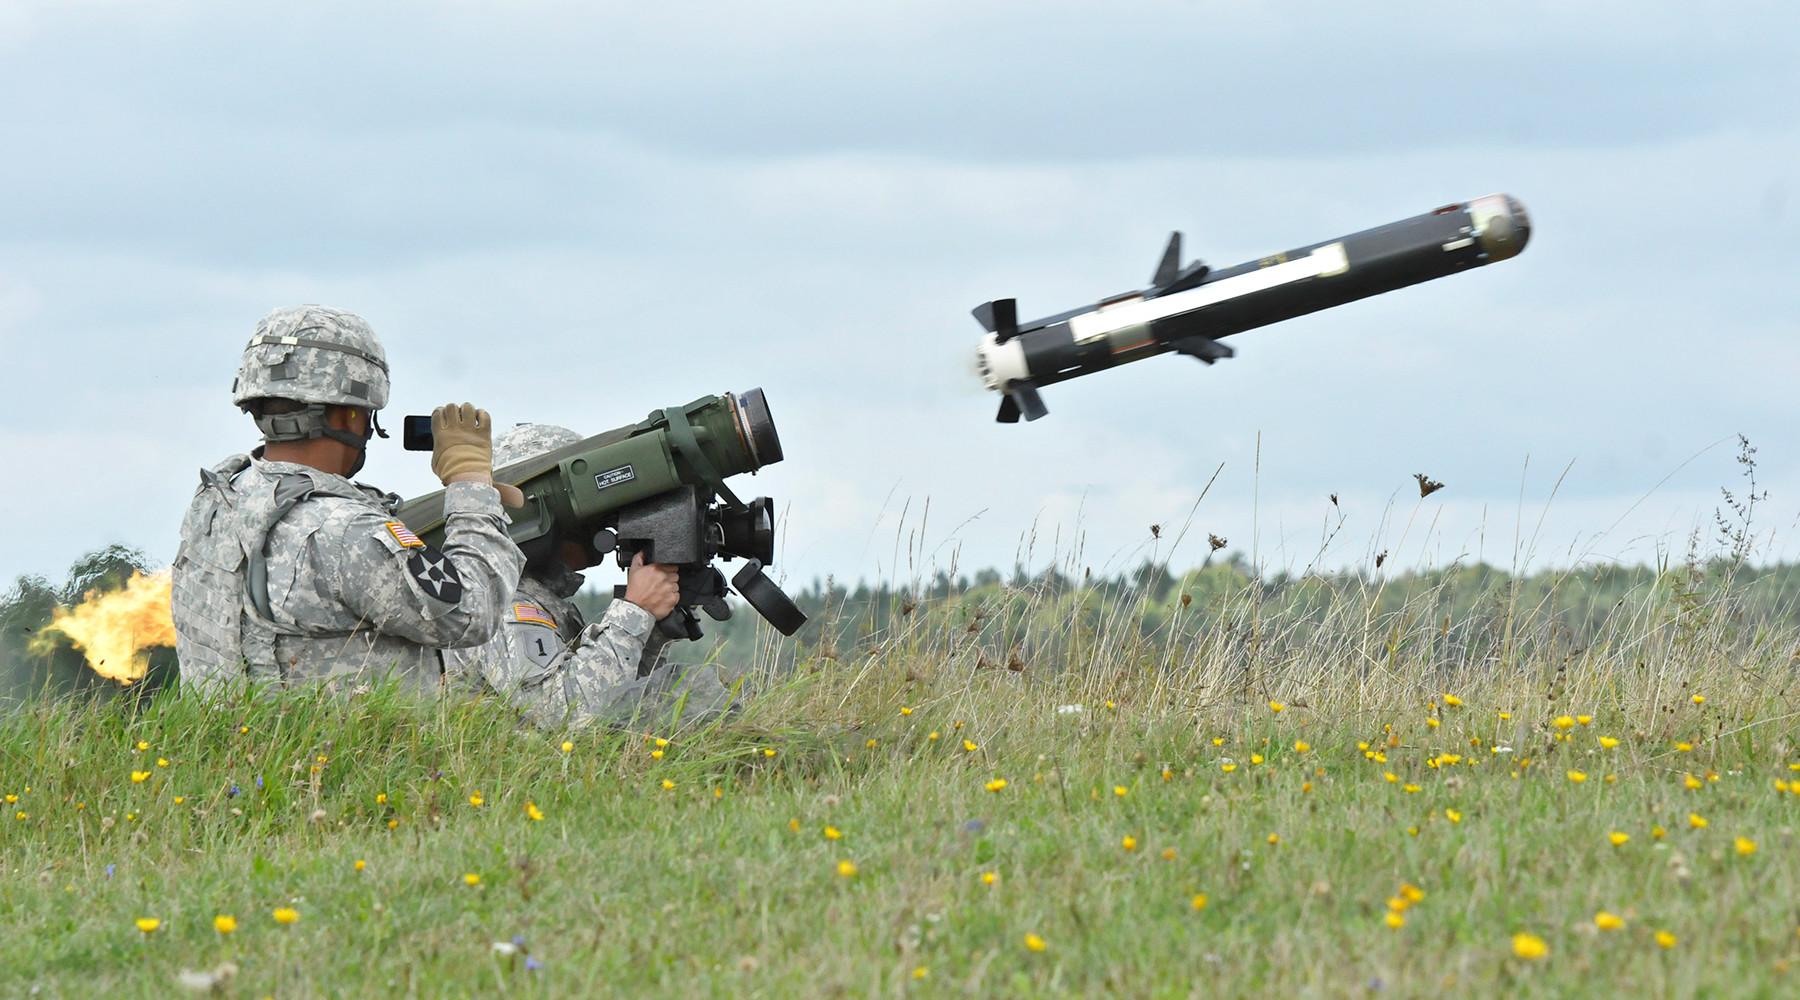 «Формула возобновления войны»: Пентагон намерен поставить Украине противотанковые комплексы Javelin